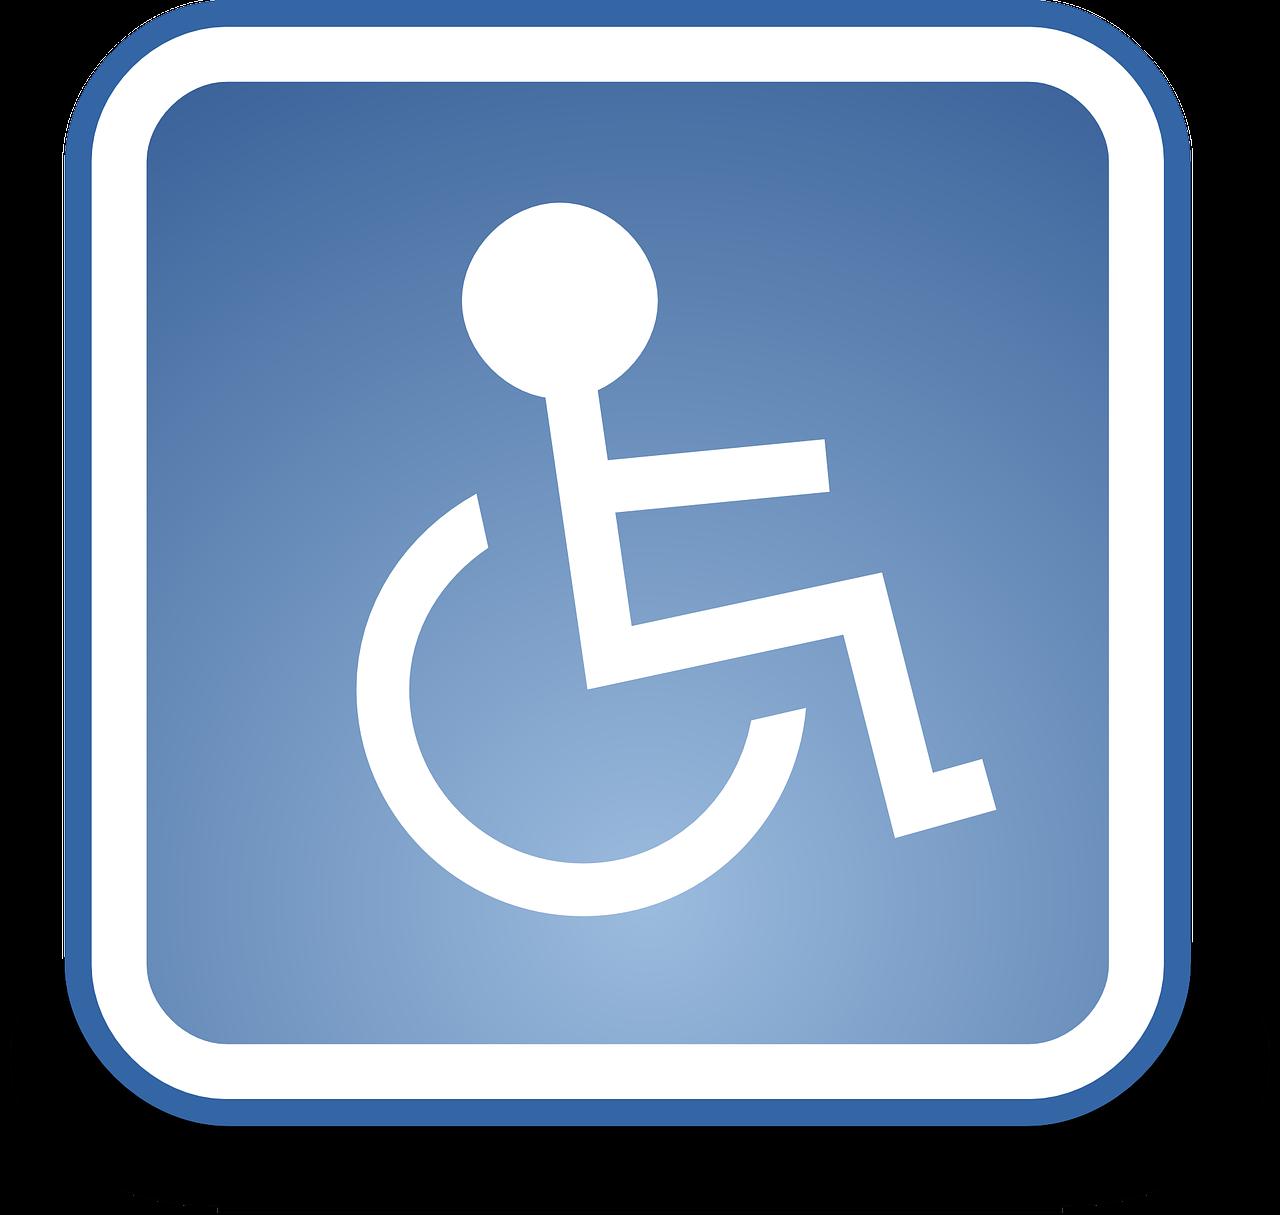 SDW Woonlocatie Korenmarkt beoordelingen instelling gehandicaptenzorg verstandelijk gehandicapten